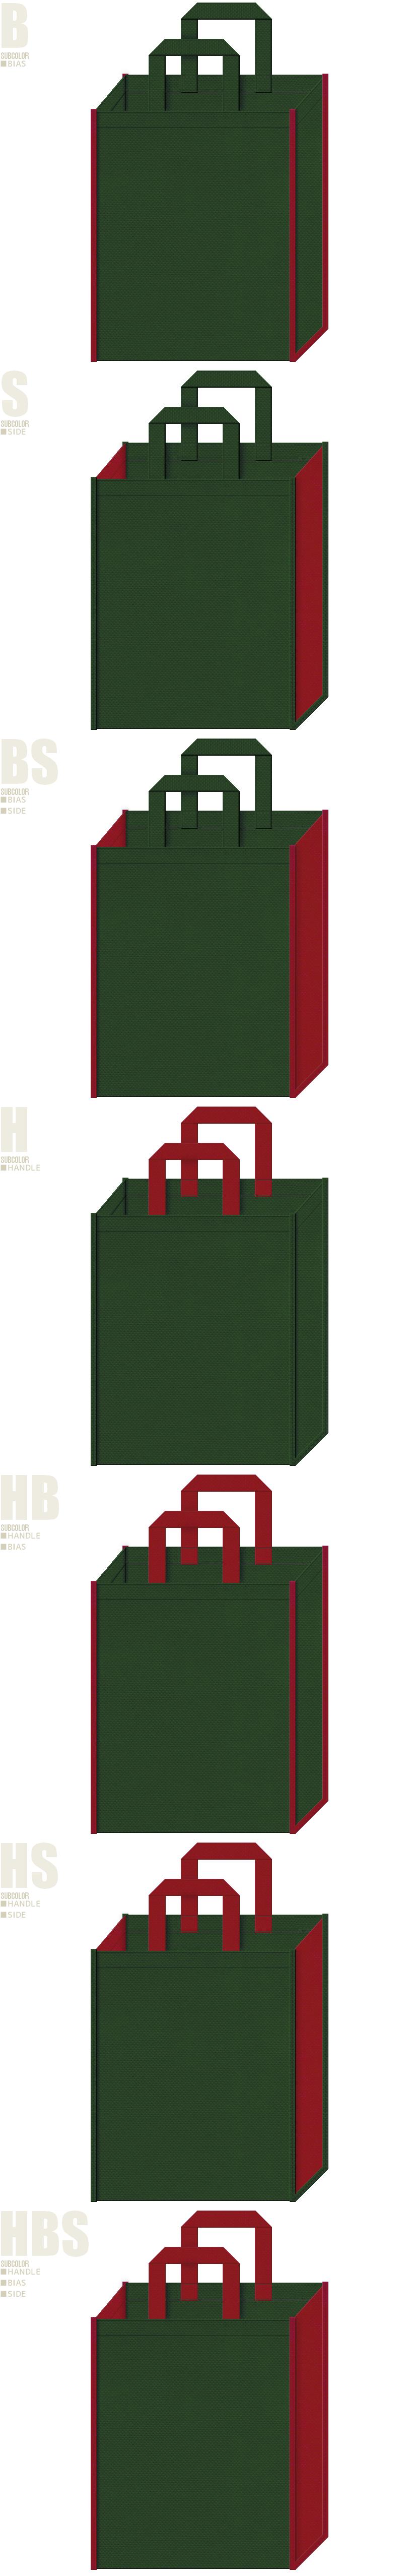 学校・振袖・卒業記念品の不織布バッグにお奨めのデザイン:濃緑色とエンジ色の不織布バッグ配色7パターン。